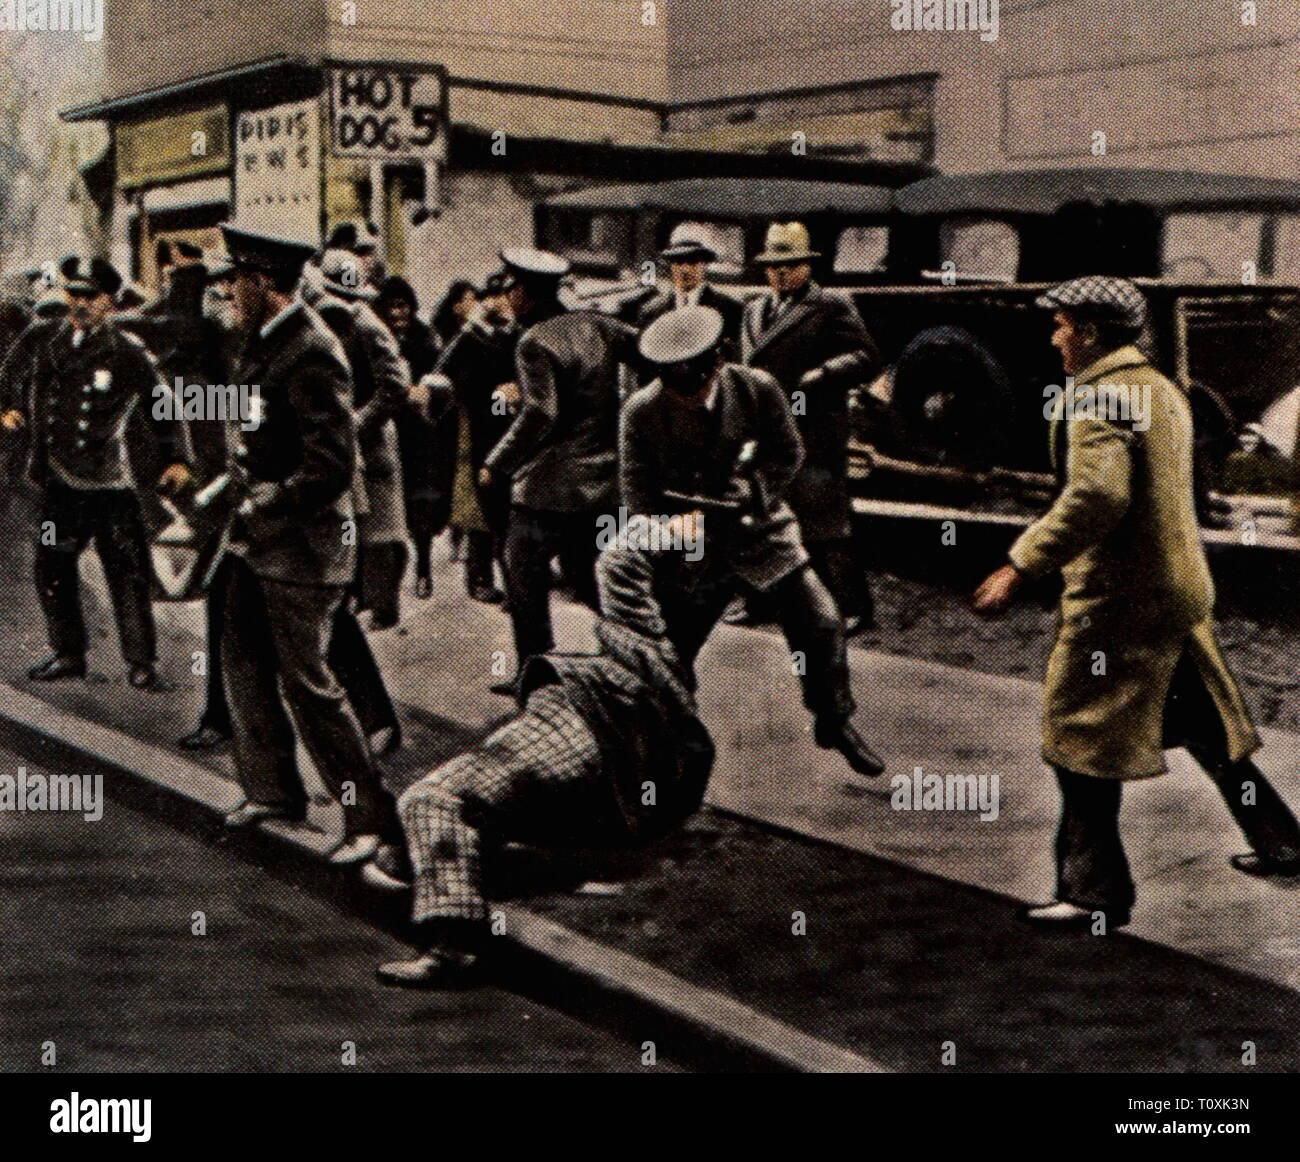 Politica, dimostrazioni, STATI UNITI D'AMERICA, cibo sommossa a Minneapolis, Minnesota, febbraio 1931, la polizia sta avanzando con forza contro i manifestanti, fotografia colorata, carta di sigaretta, serie 'Die Nachkriegszeit', 1935, depressione mondiale, World depressioni, crisi, crisi scareness alimentare, la carenza di cibo, fame, hungriness, sommossa, sommosse, affray, disoccupati, nonworker, workless, disoccupati, disoccupazione, povertà, violenza, di protesta, proteste, persone del xx secolo, 1930S, politica, politica, dimostrazioni, demo, dimostrazione, demo, STATI UNITI D'AMERICA, Stati Uniti d'Americ, Additional-Rights-Clearance-Info-Not-Available Immagini Stock